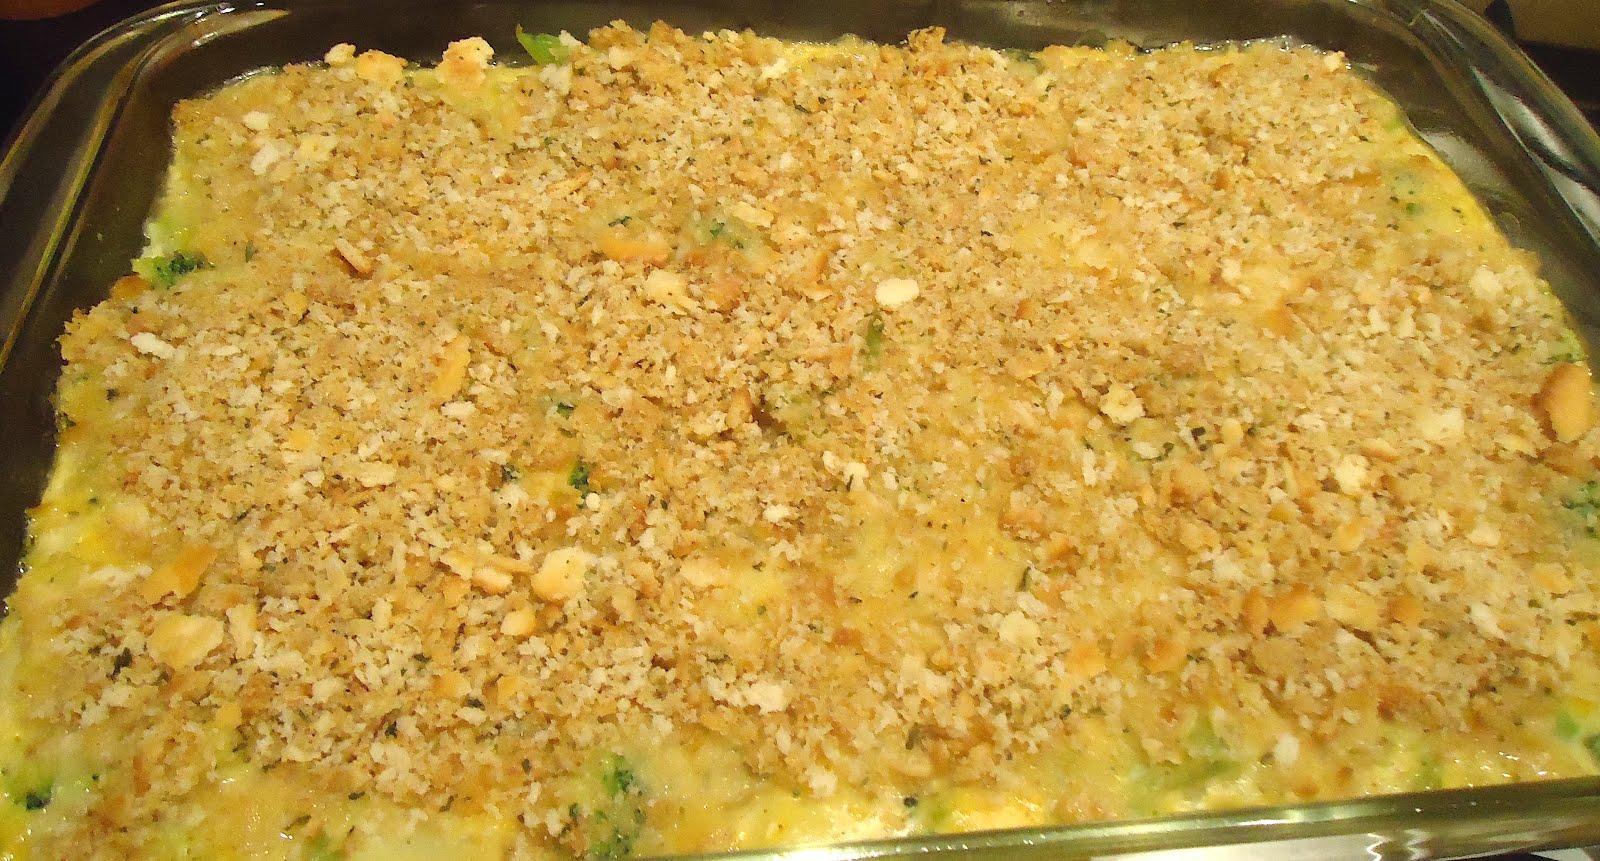 Recipe for a Home: Broccoli Casserole